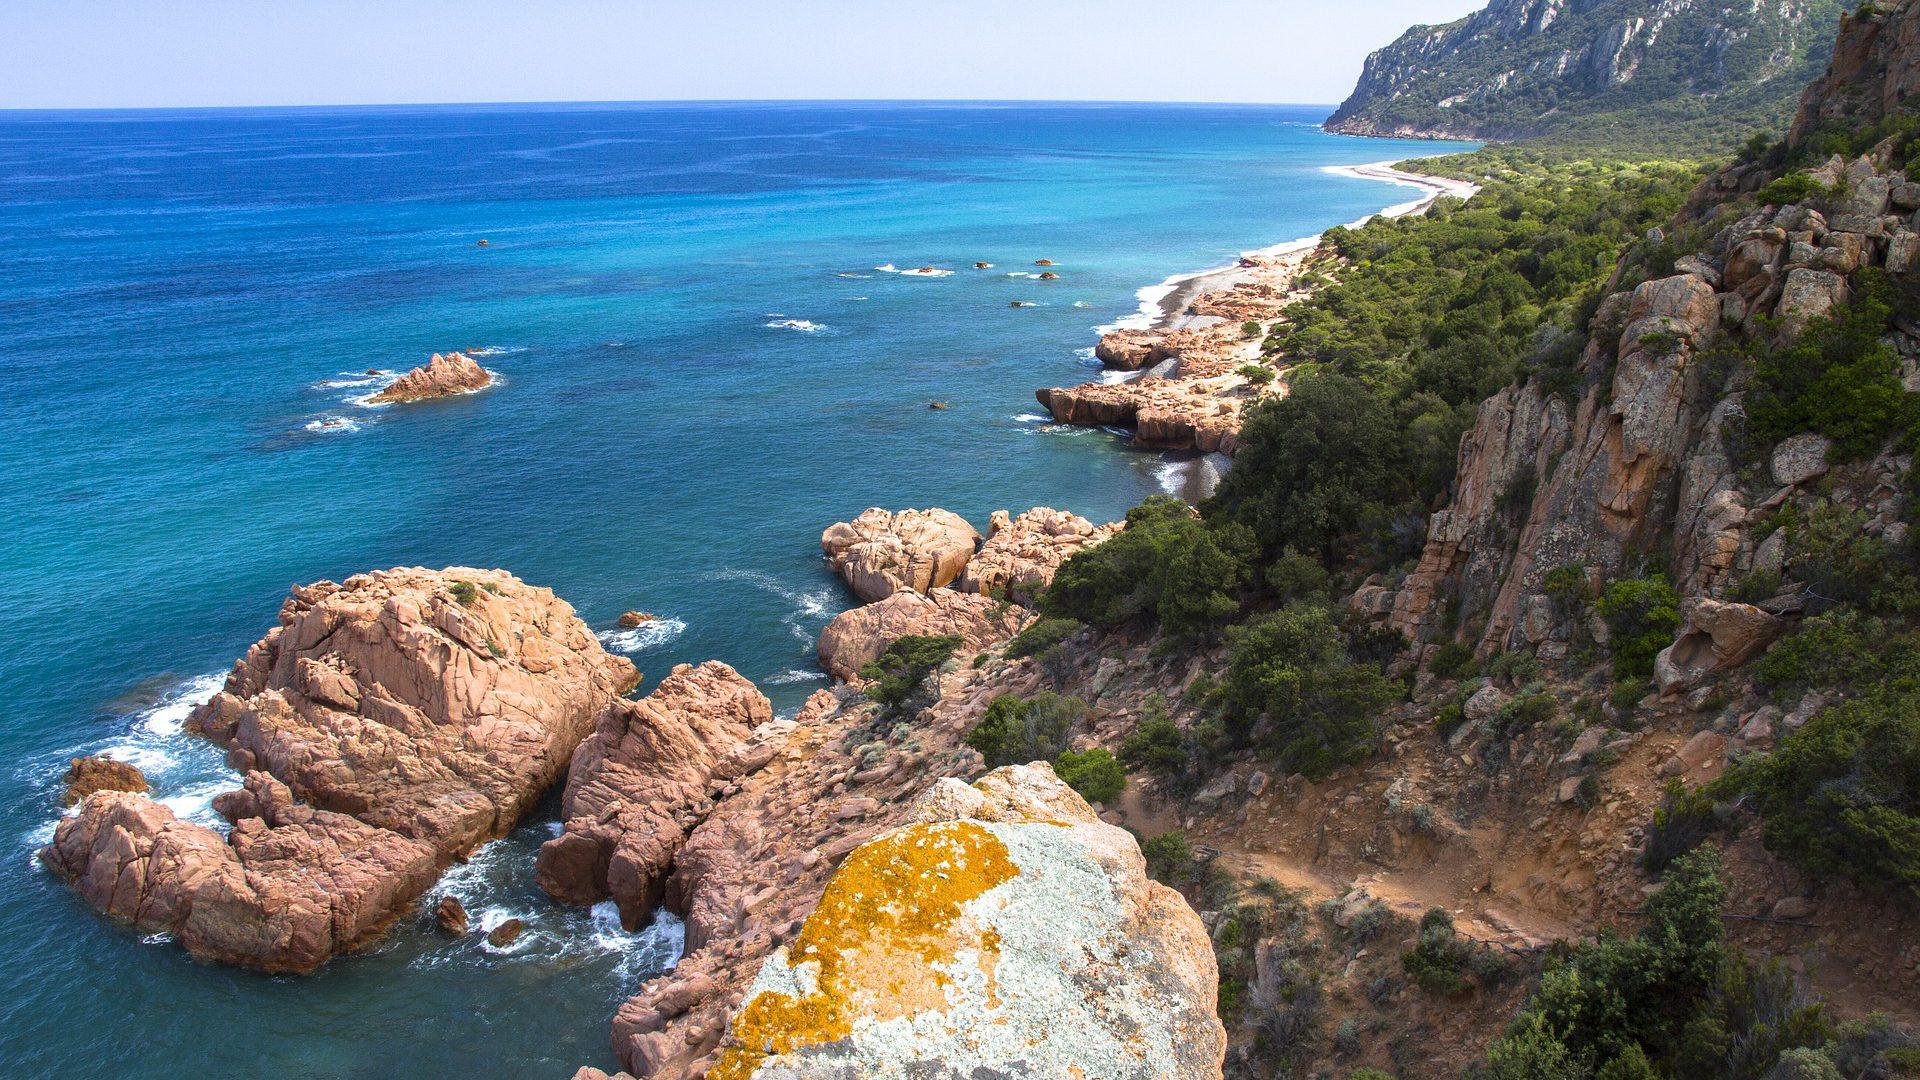 Felsküsten prägen die Insel Sardinien